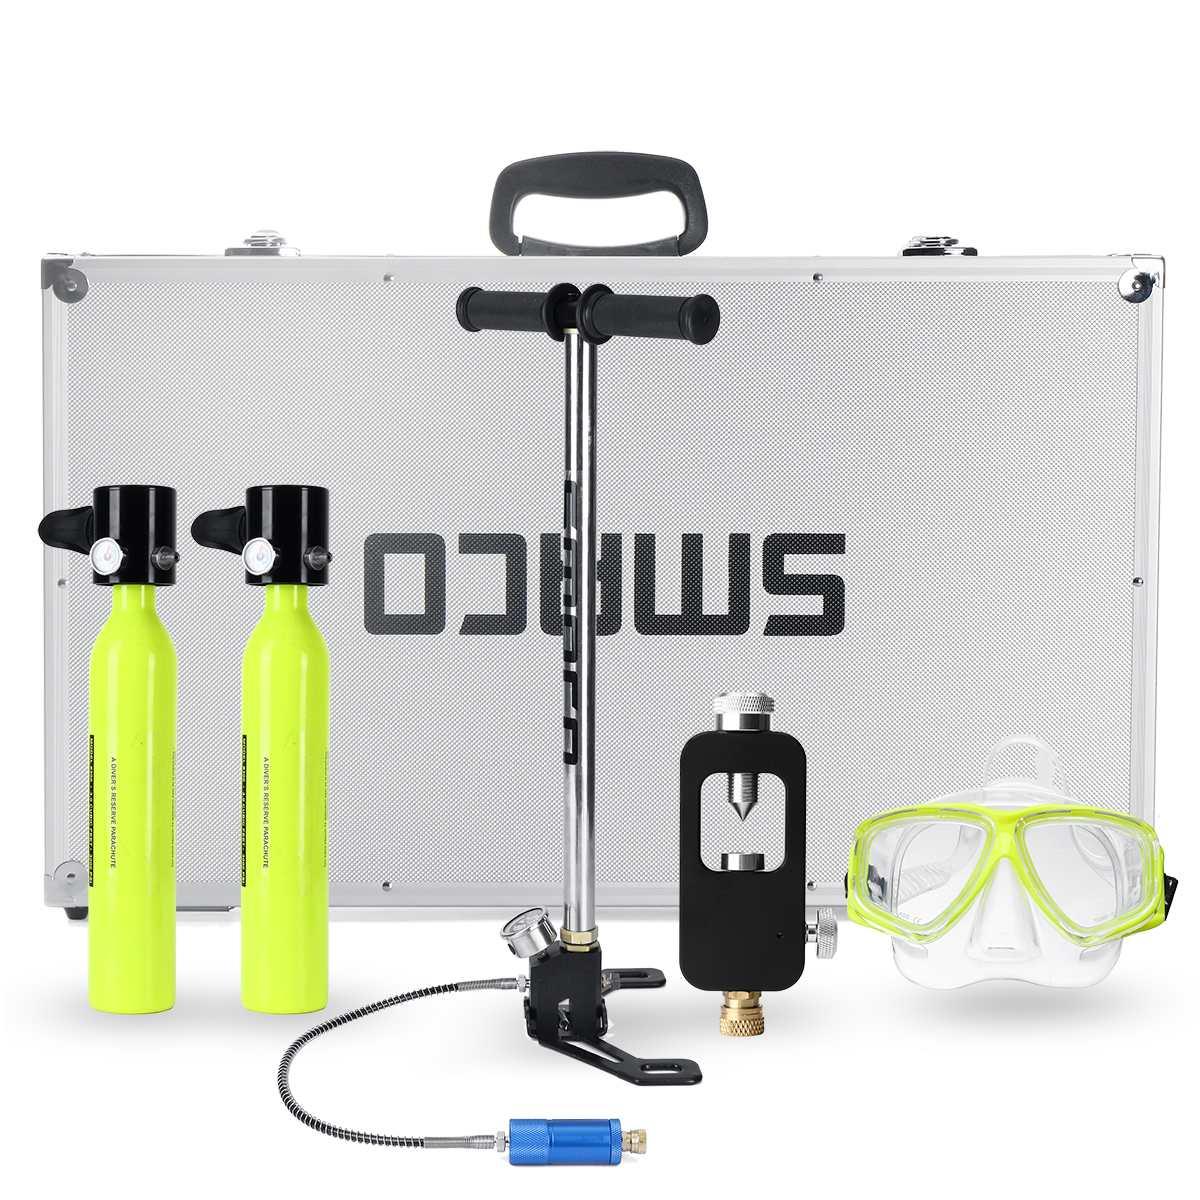 Système de plongée 6 en 1 Mini bouteille de plongée sous-marine réserve d'oxygène pompe à réservoir d'air boîte en aluminium équipement de plongée en apnée